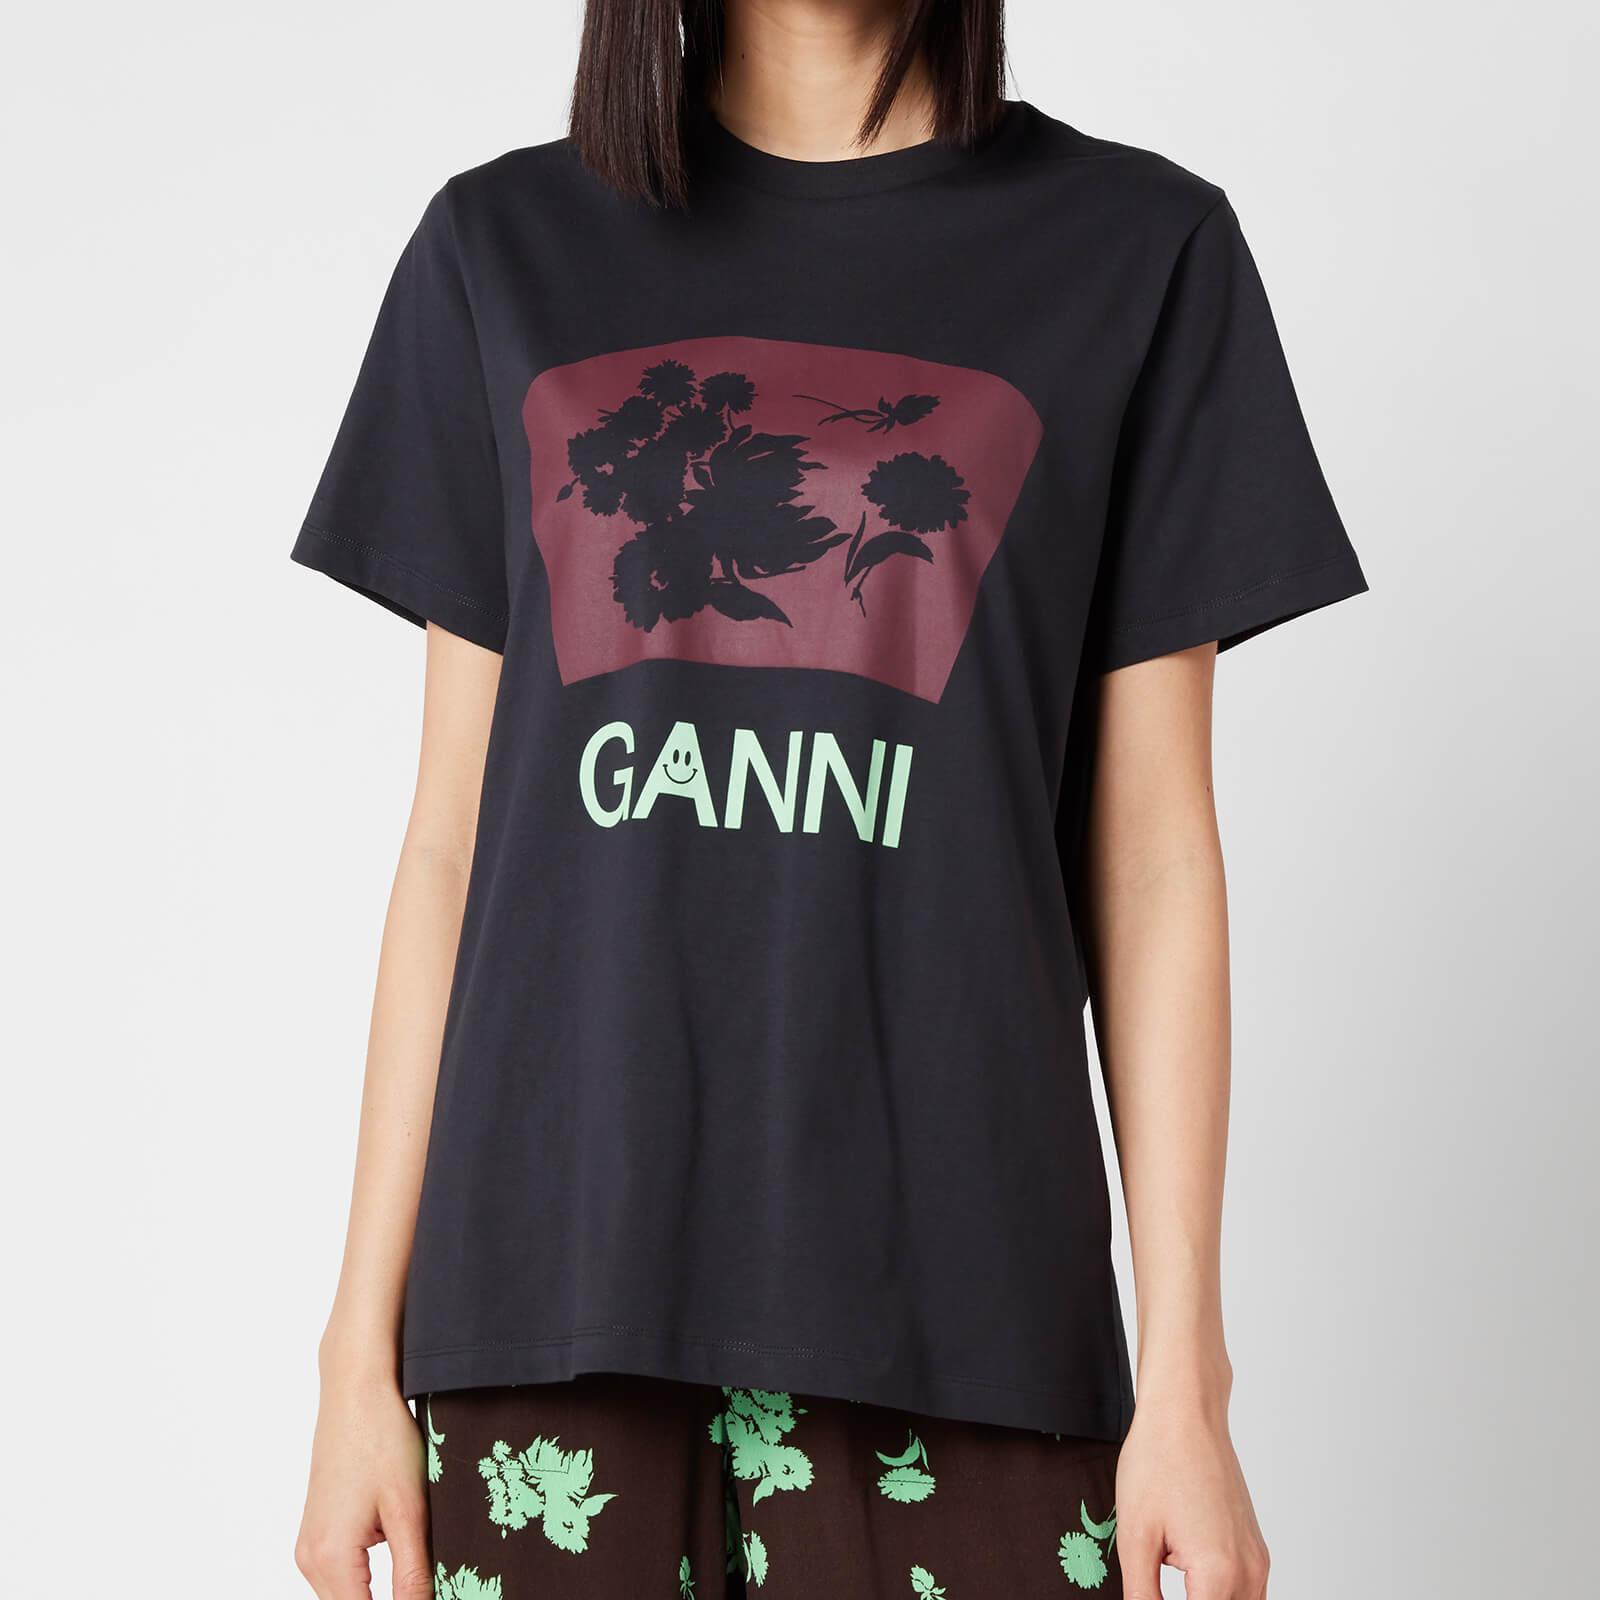 Ganni Women's Floral Cotton Jersey T-Shirt - Phantom